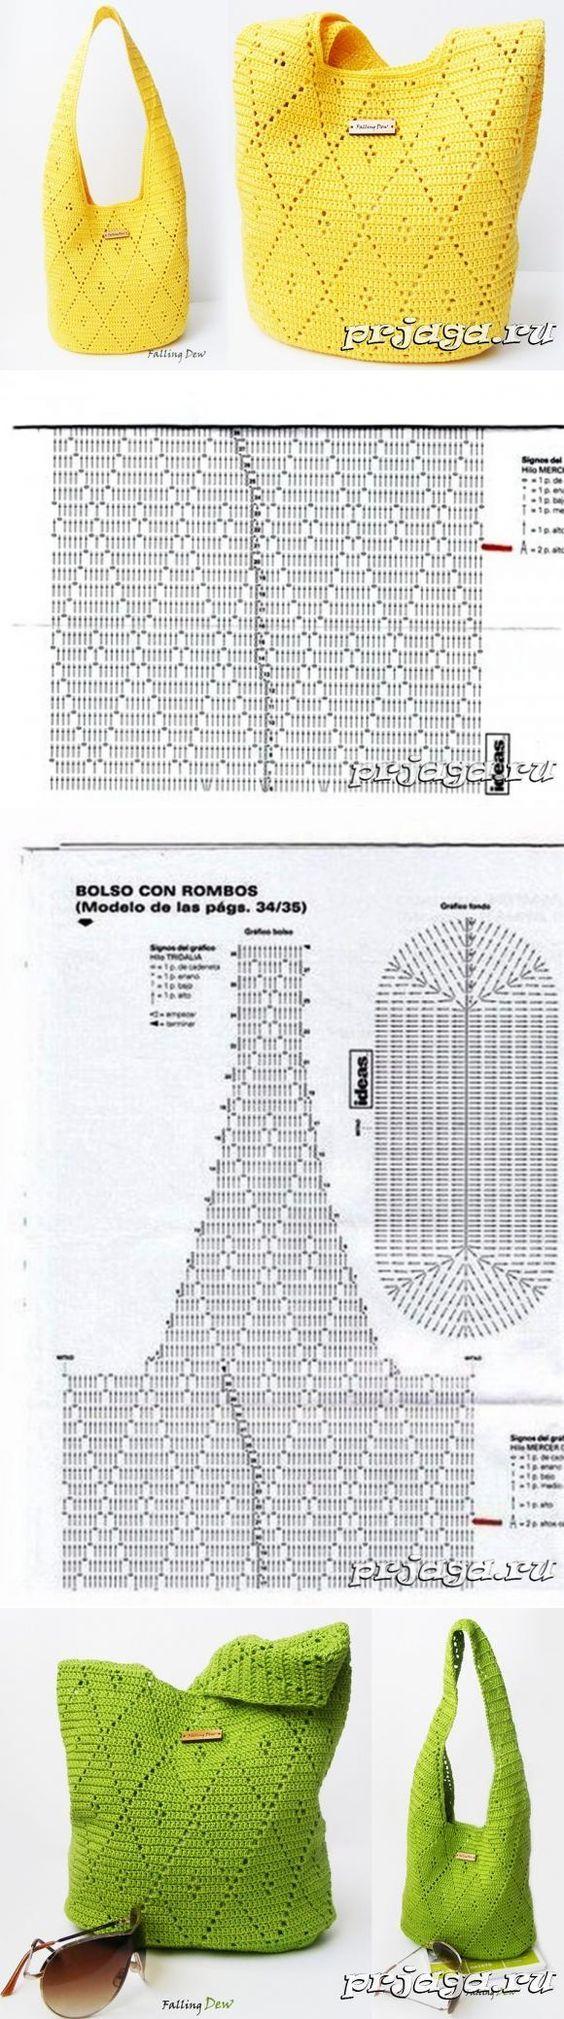 Вязание крючком для женщин | Bolsos, Ganchillo y Tejido